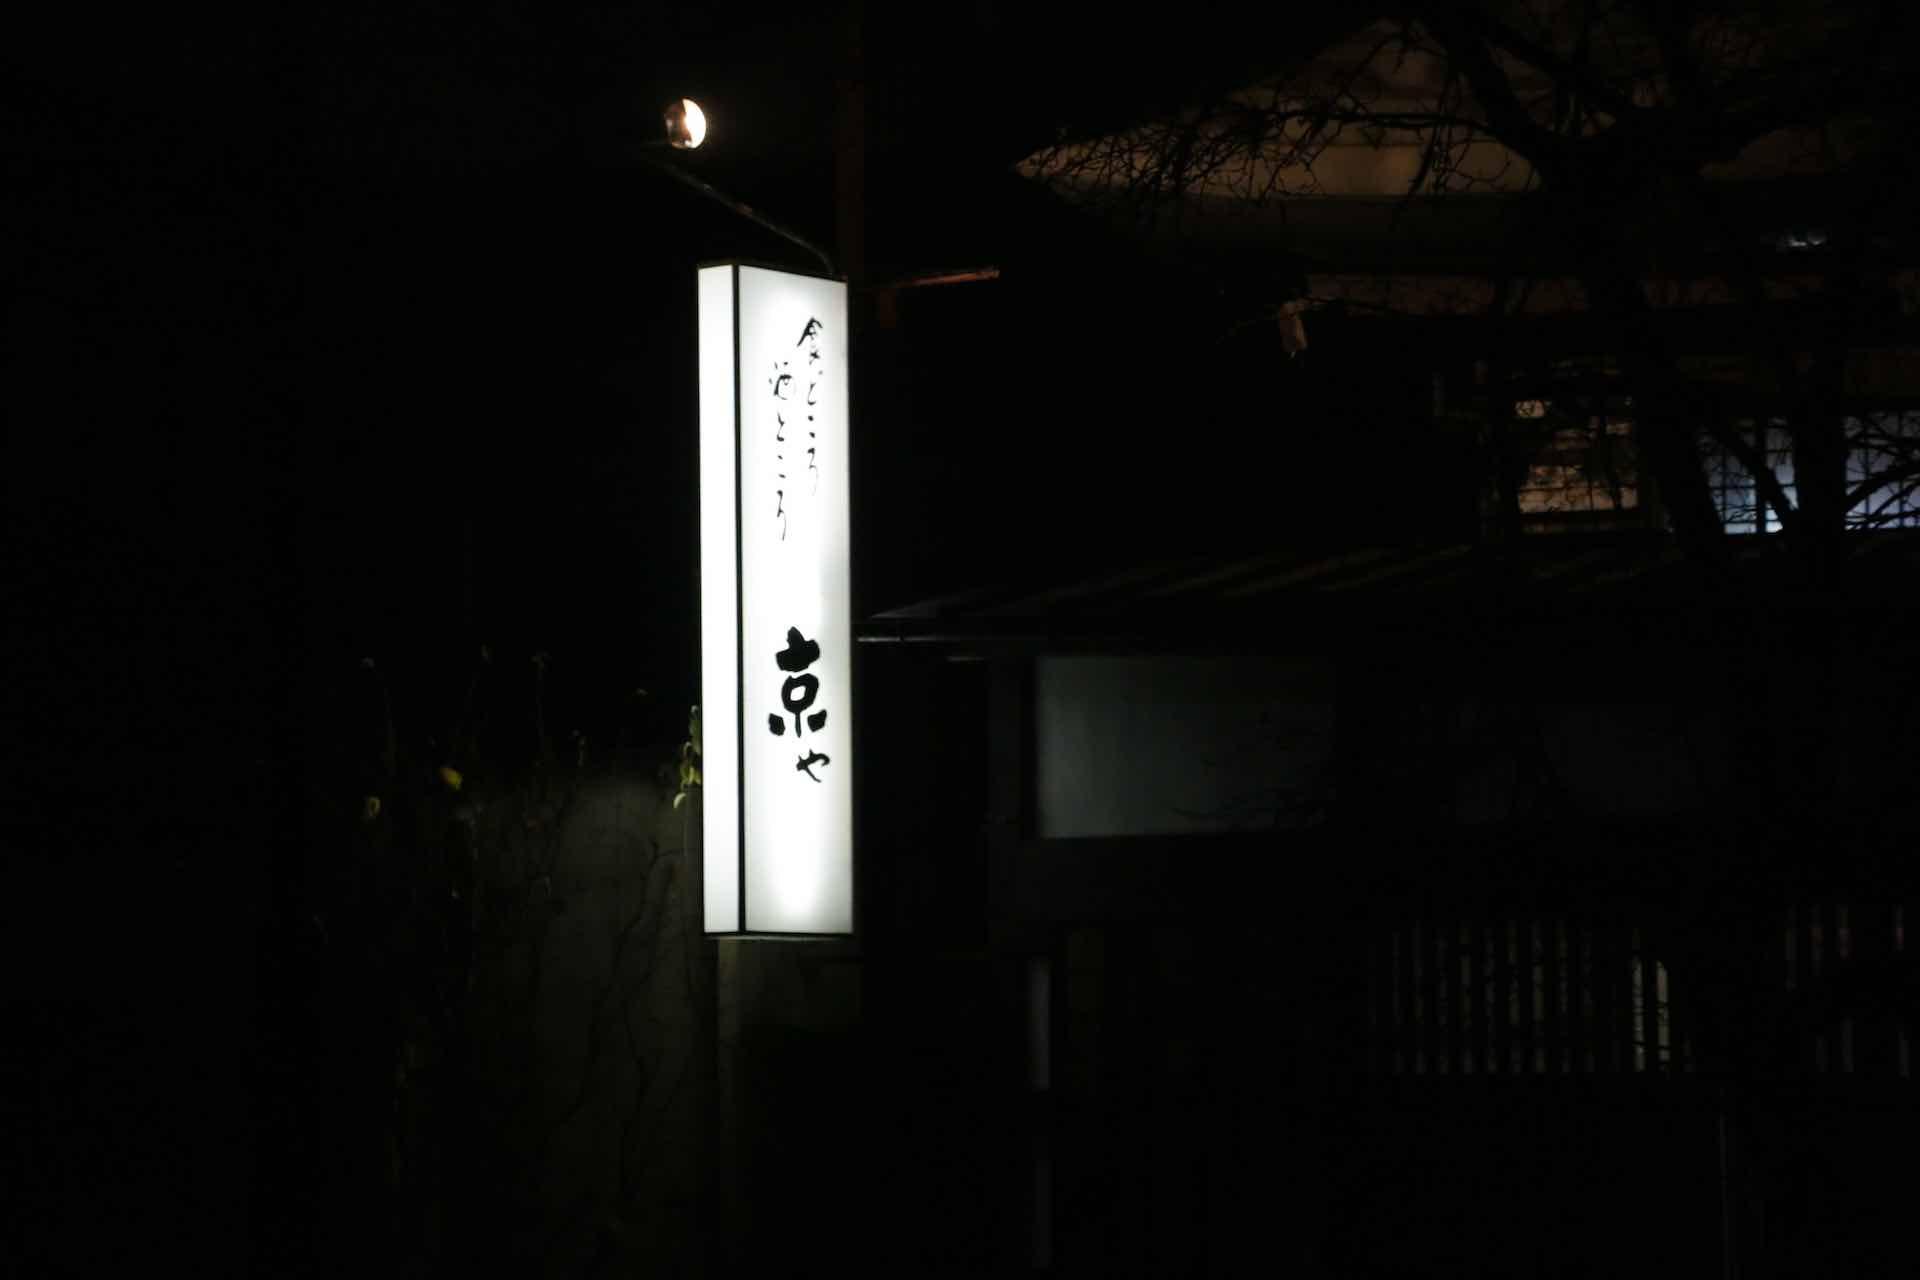 京や、と浮かび上がる看板